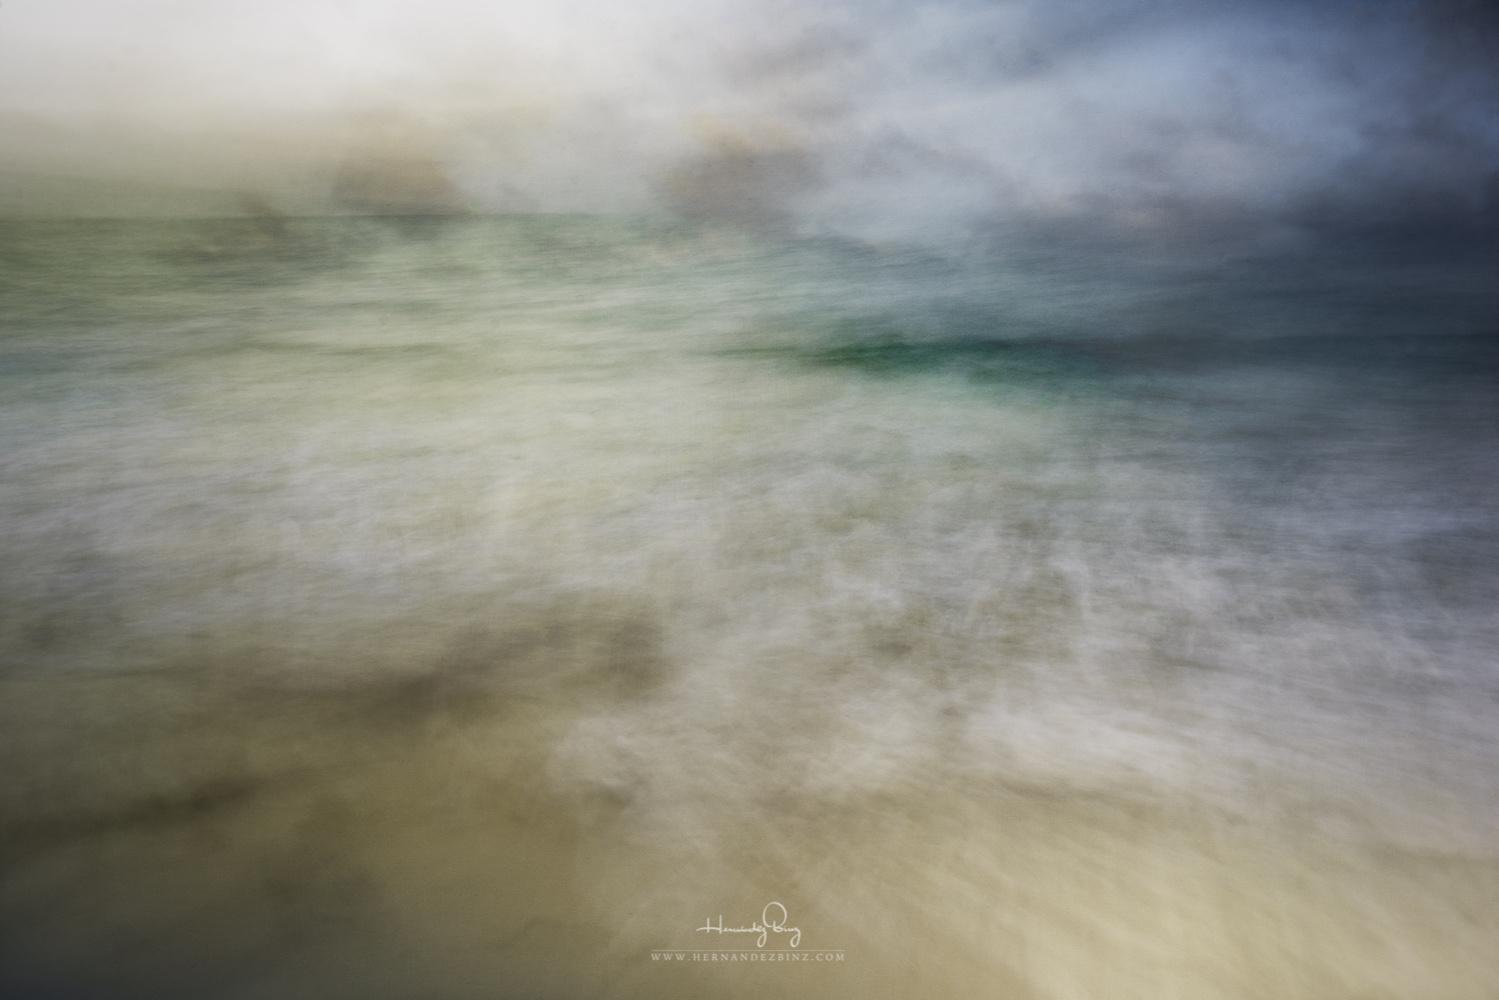 Duality by Adrian Hernandez Binz